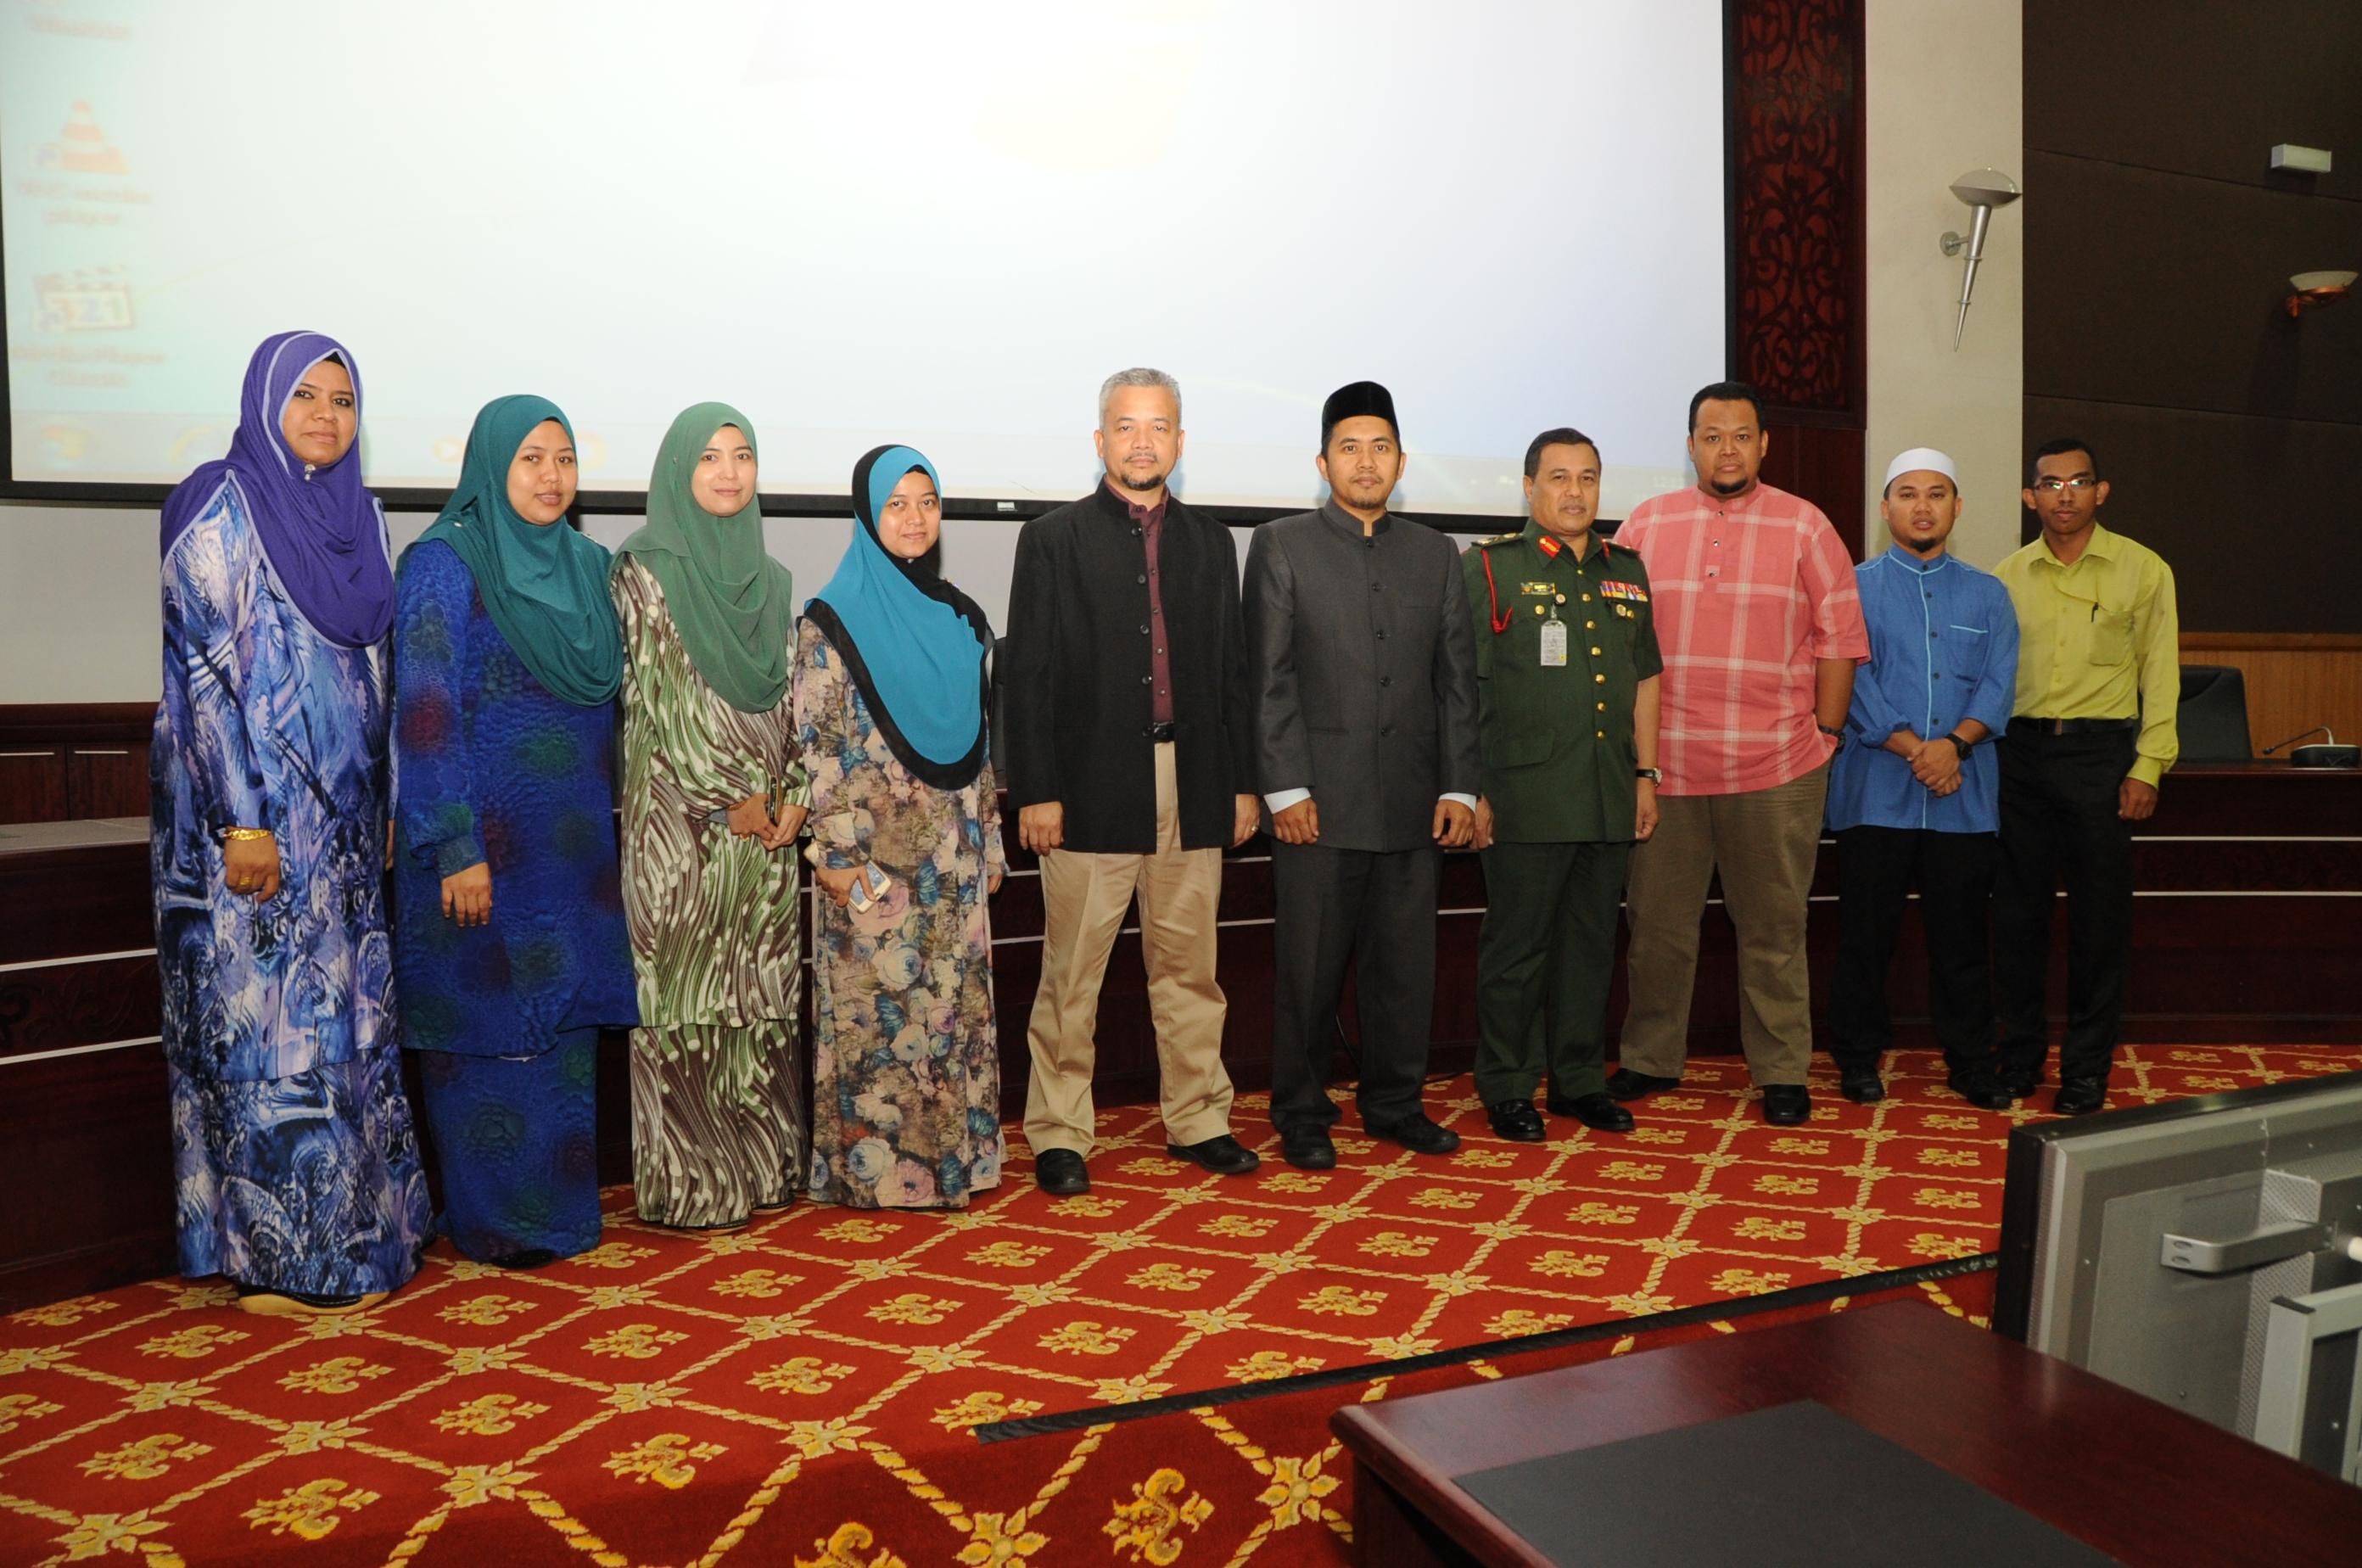 Pusat Islam Anjur Seminar Isu Semasa